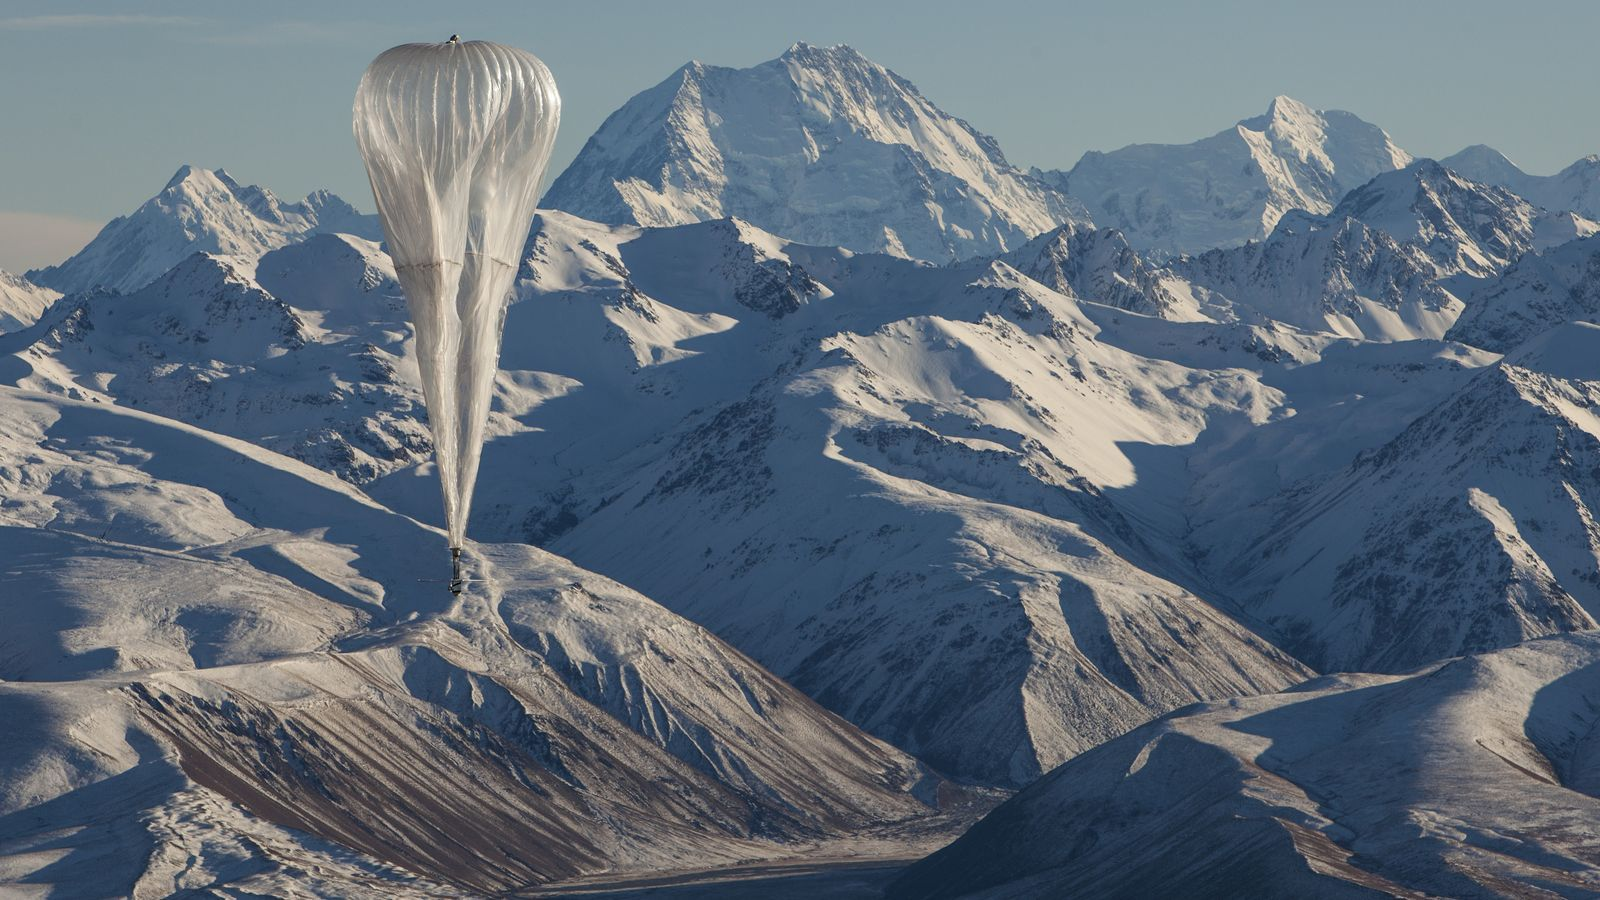 Un dels globus de Loon, filial de Google